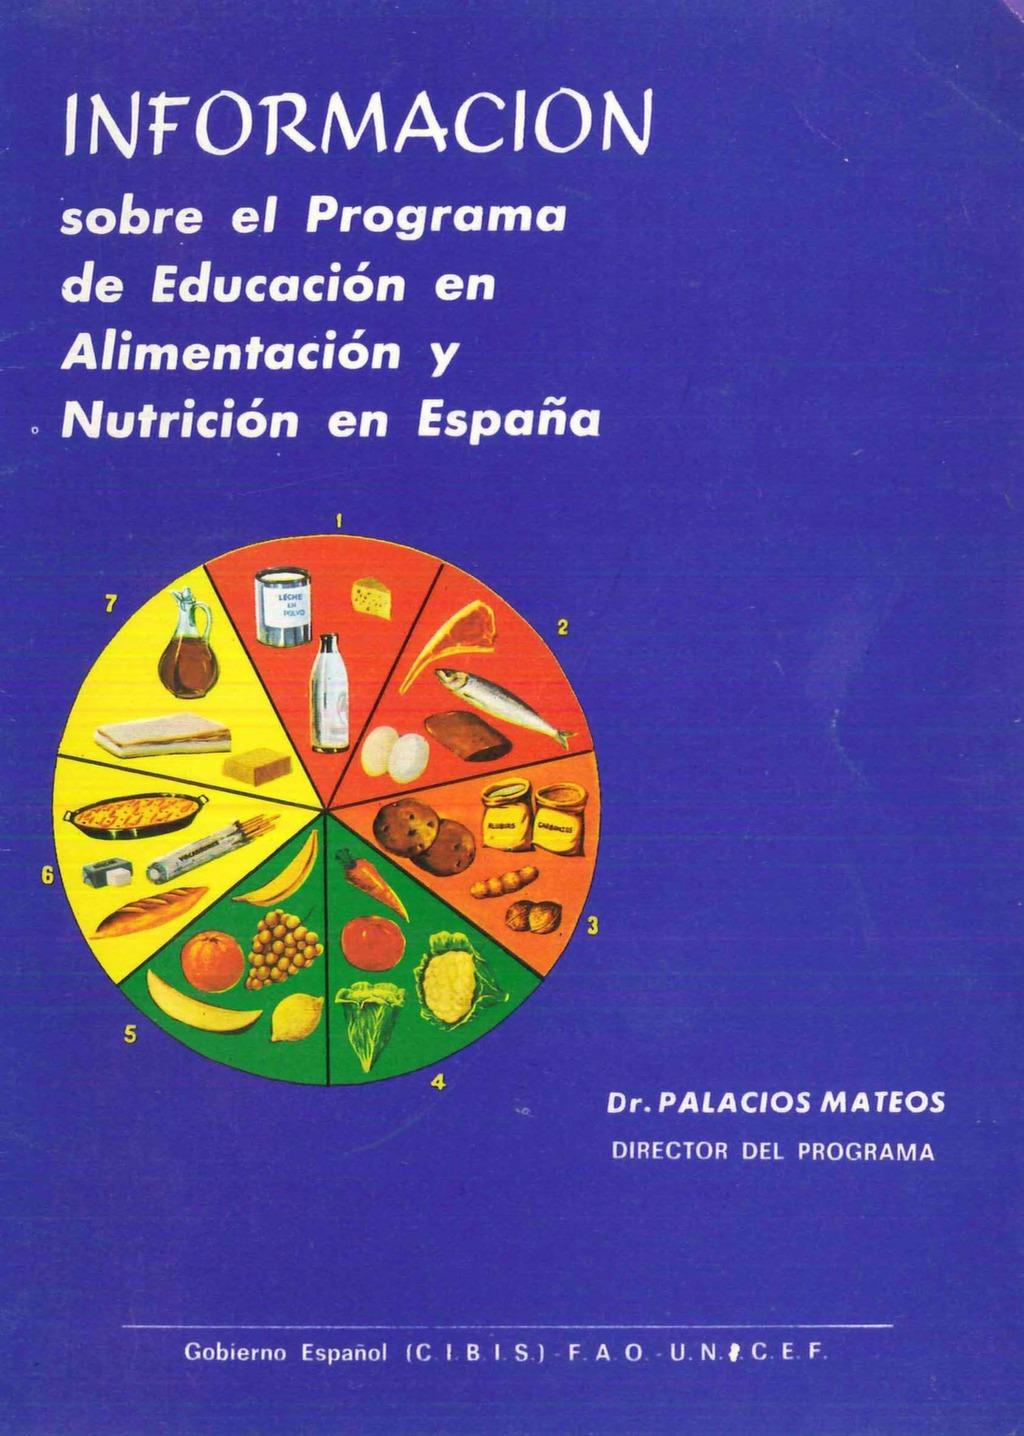 Información sobre el Programa EDALNU